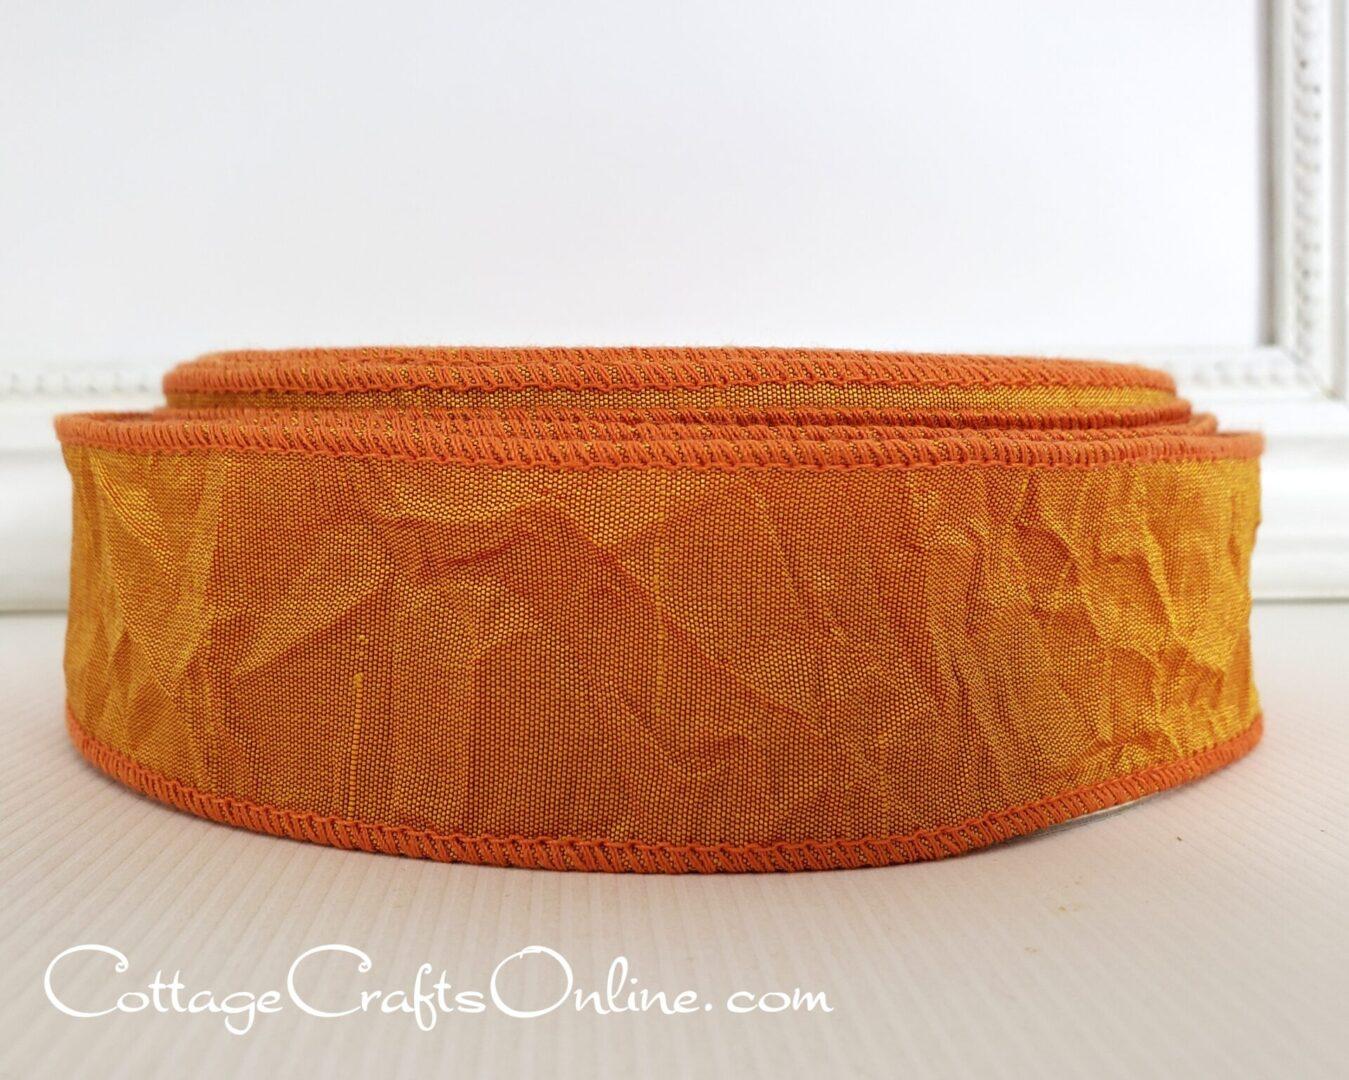 butternut squash orange crushed silk taffeta cb 9 25-004